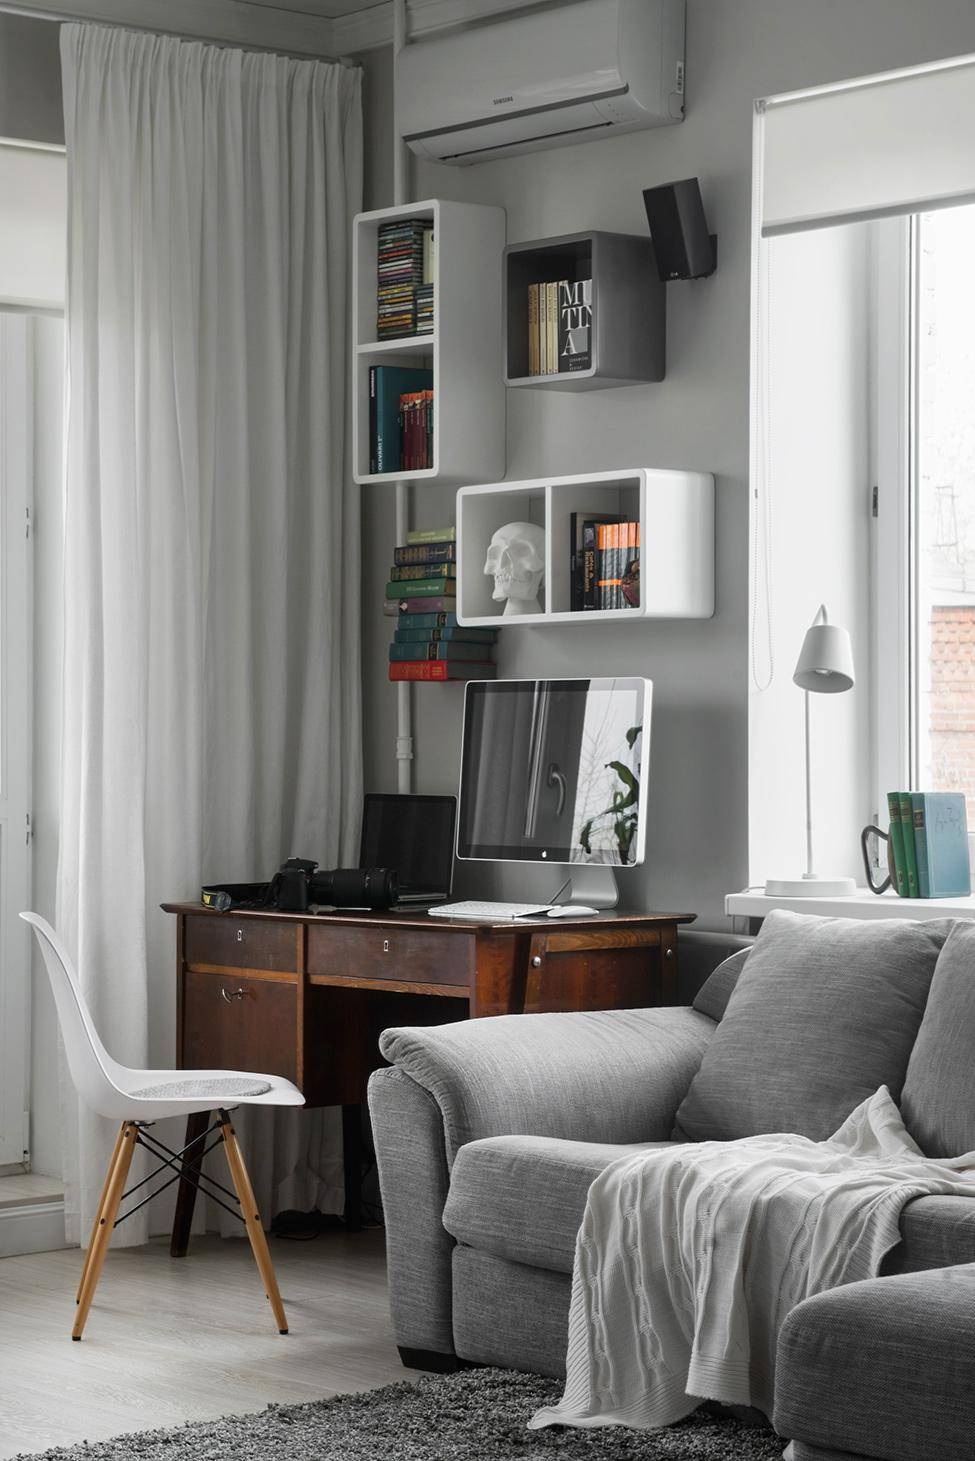 apartament-v-moskva-pokazva-miks-ot-moderen-i-retro-stil-4g